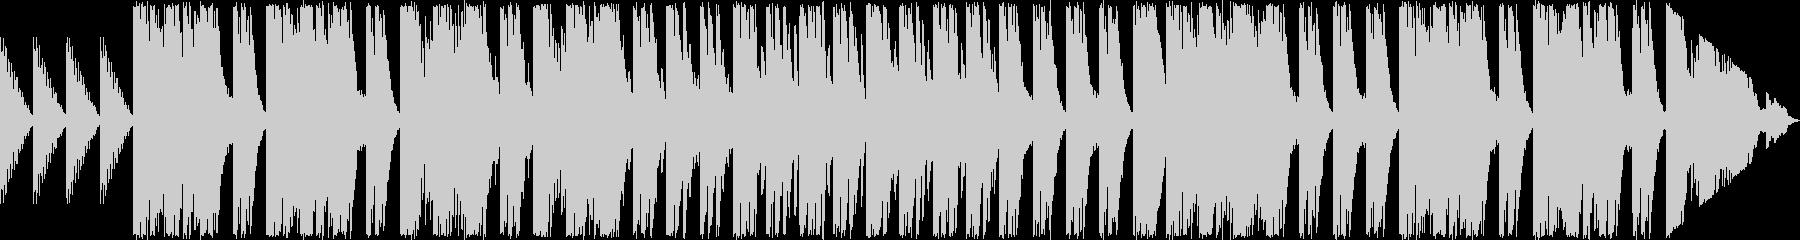 ベルを使った幻想的な曲の未再生の波形